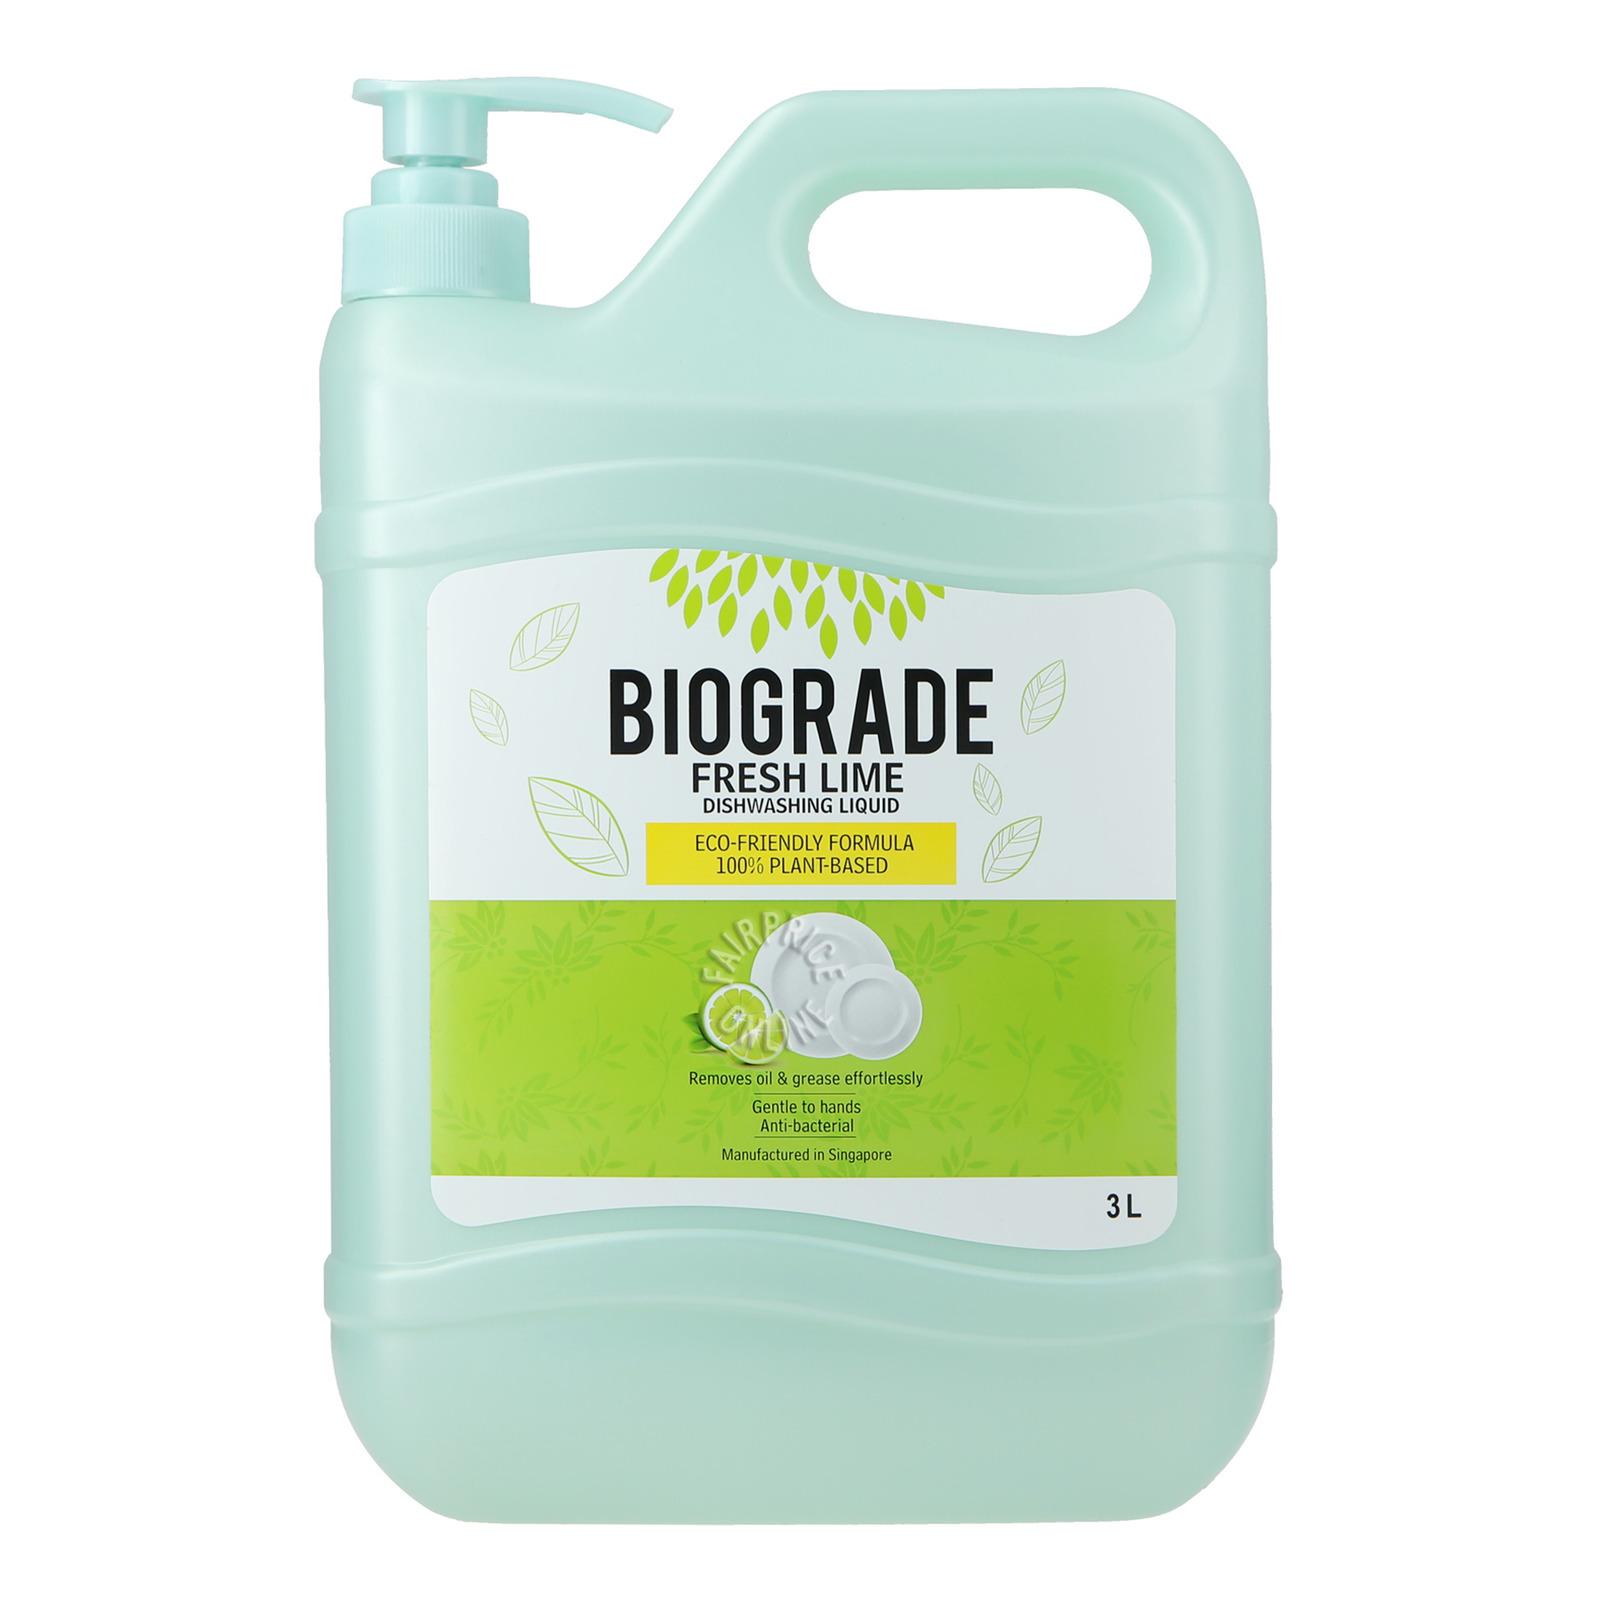 Biograde Dishwashing Liquid - Fresh Lime